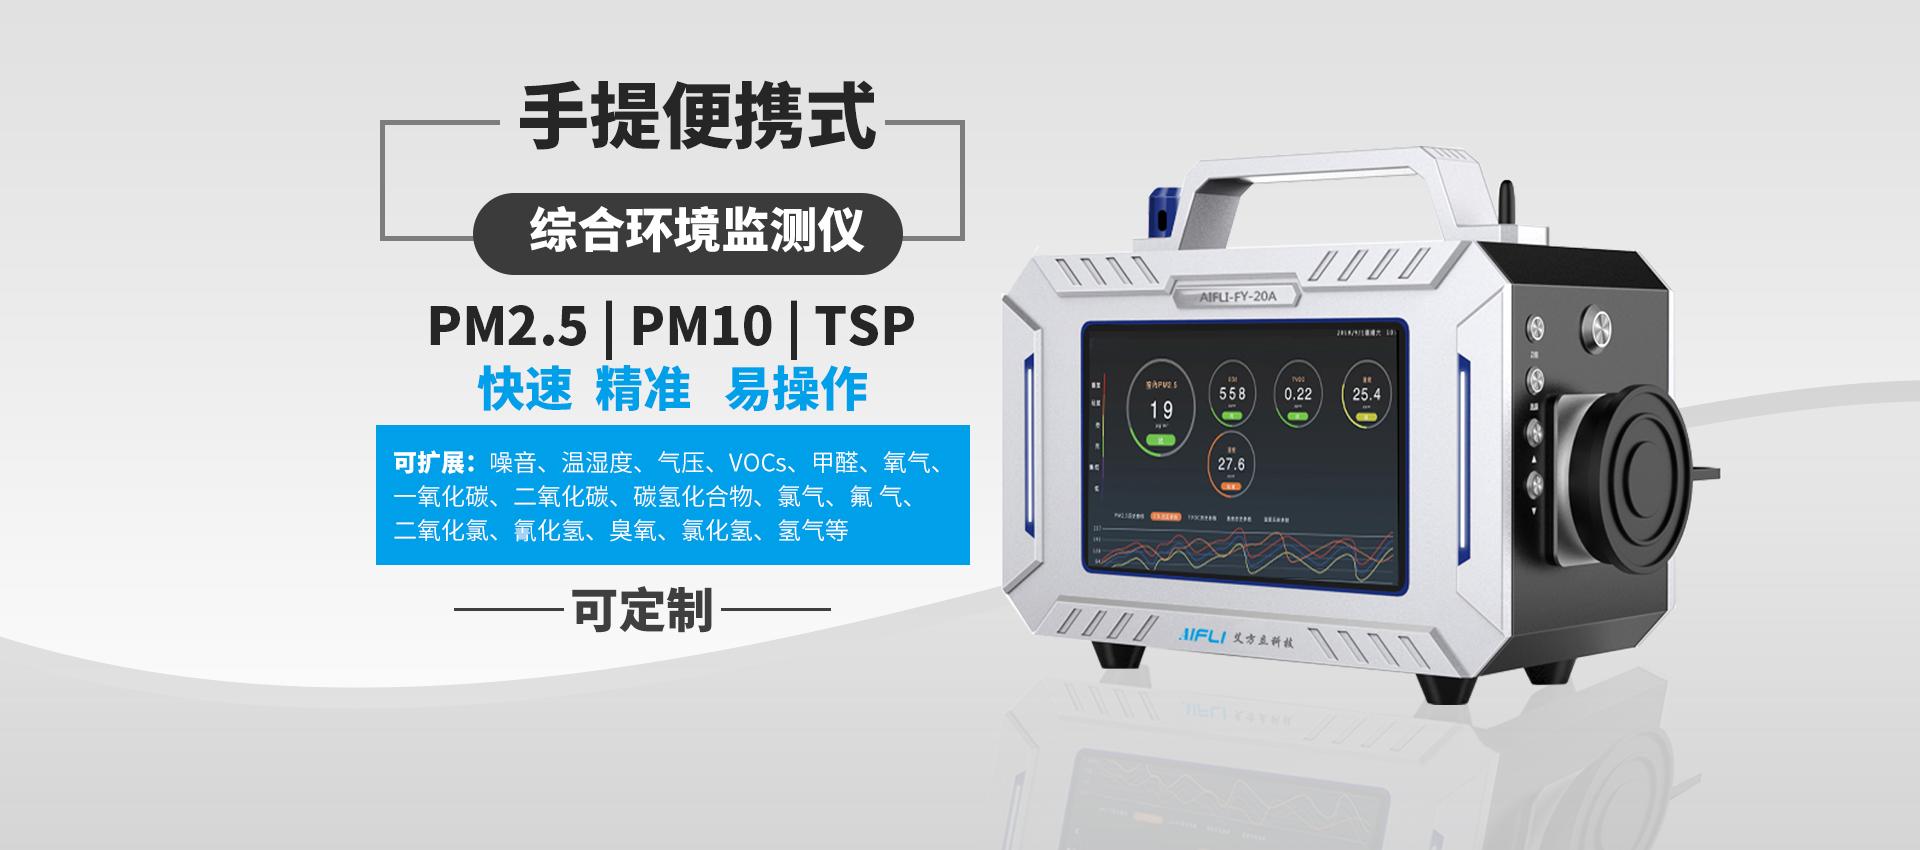 手提式式参数检测仪装备 可无线传输到云平台